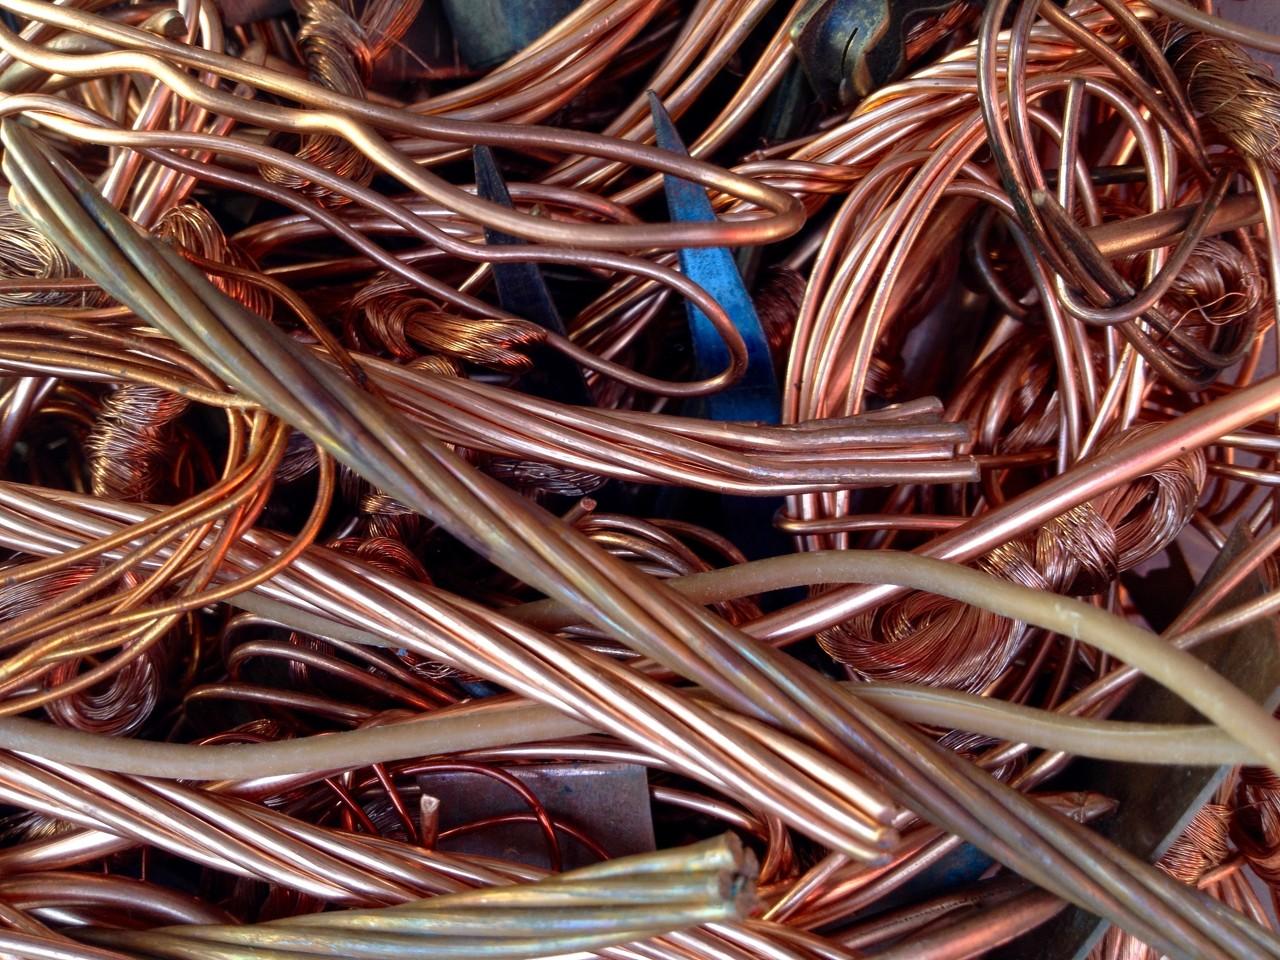 (2021年04月23日)今日國內廢銅回收價格多少錢一噸